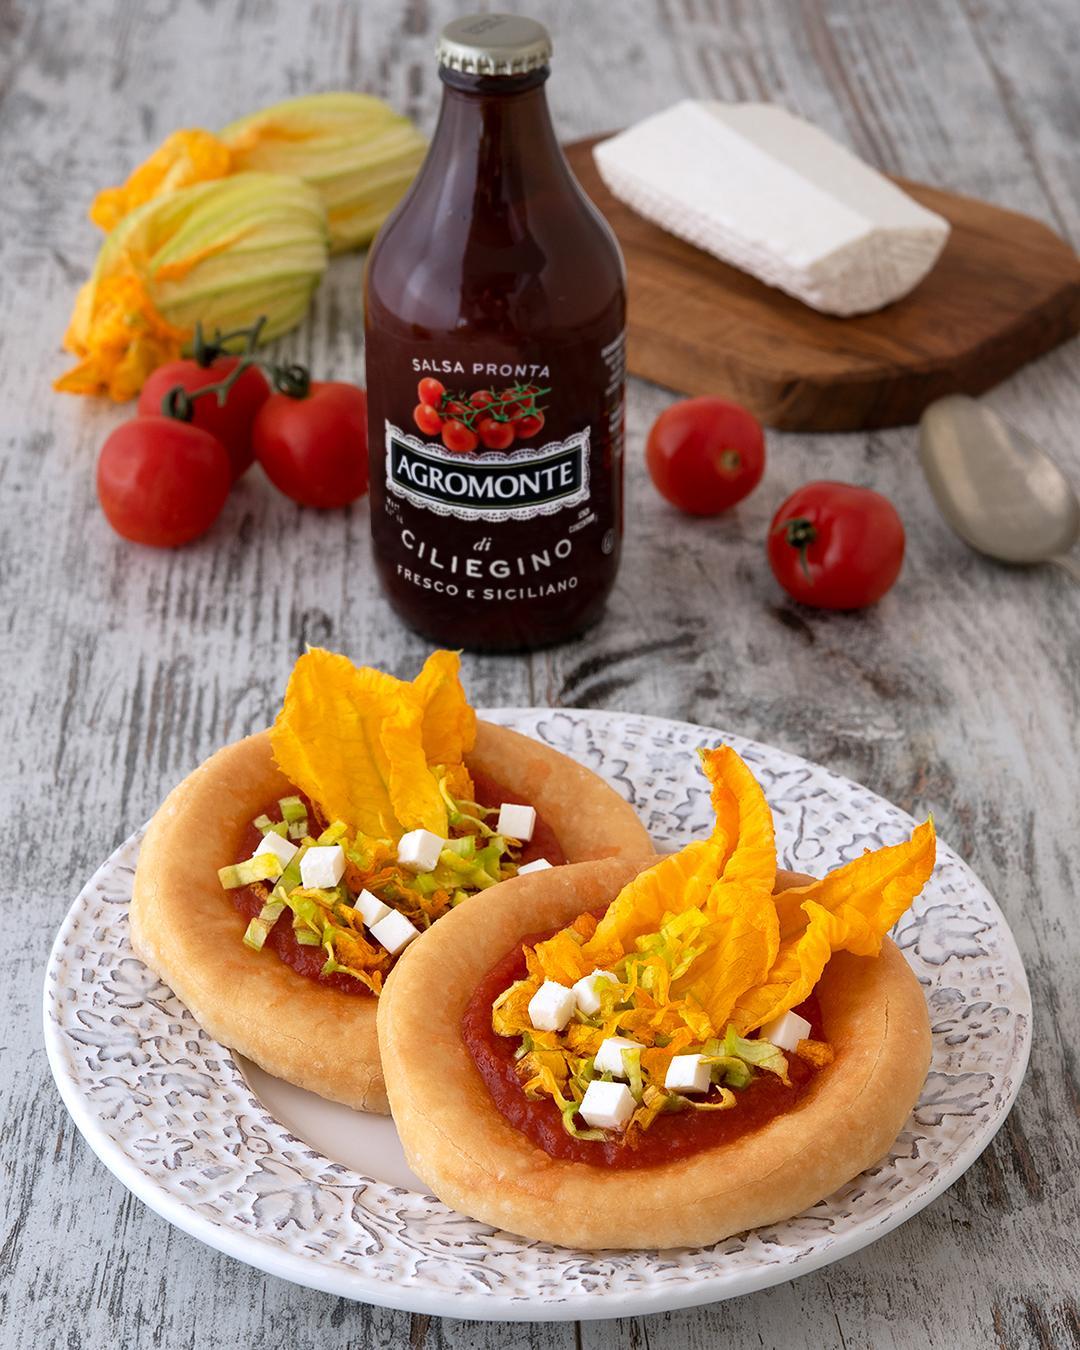 pizzette fritte con fiori di zucca e salsa pronta di pomodoro ciliegino Agromonte